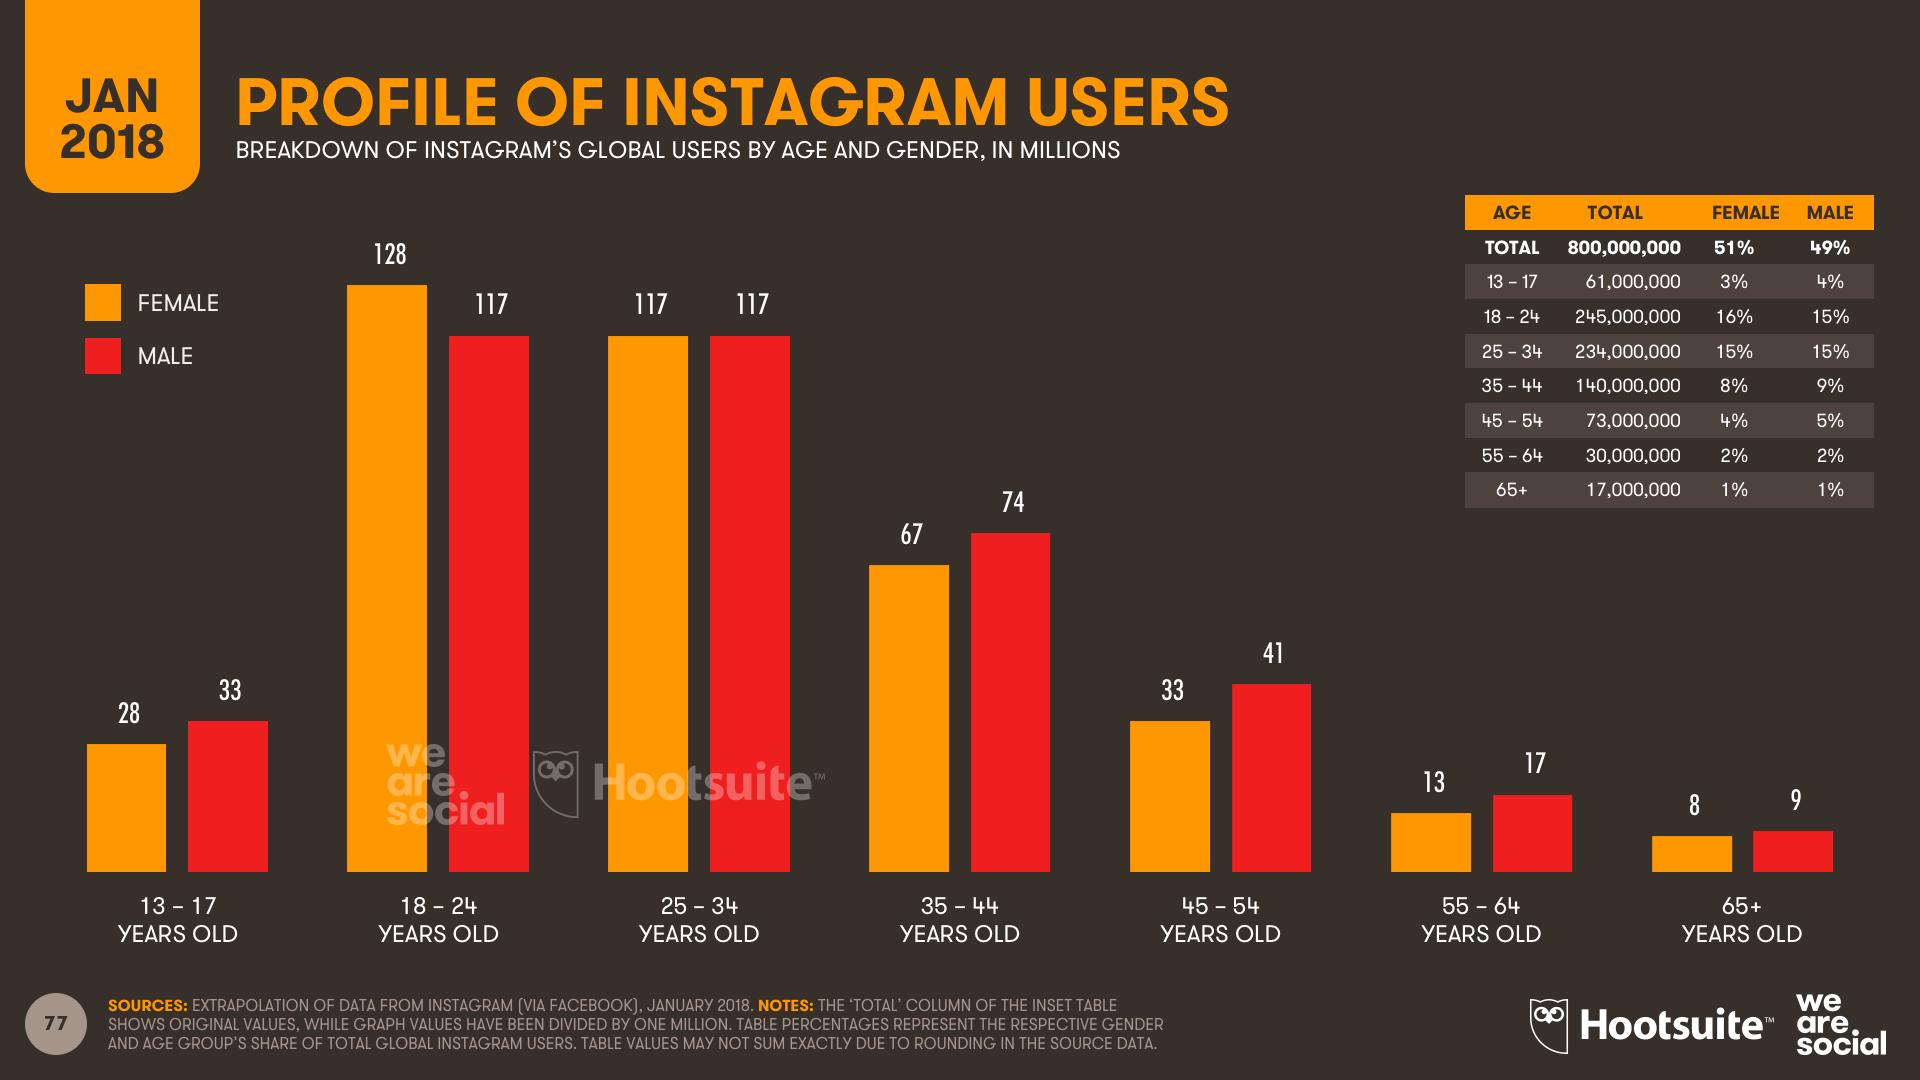 Perfil-de-usuarios-de-Instagram-en-el-mundo